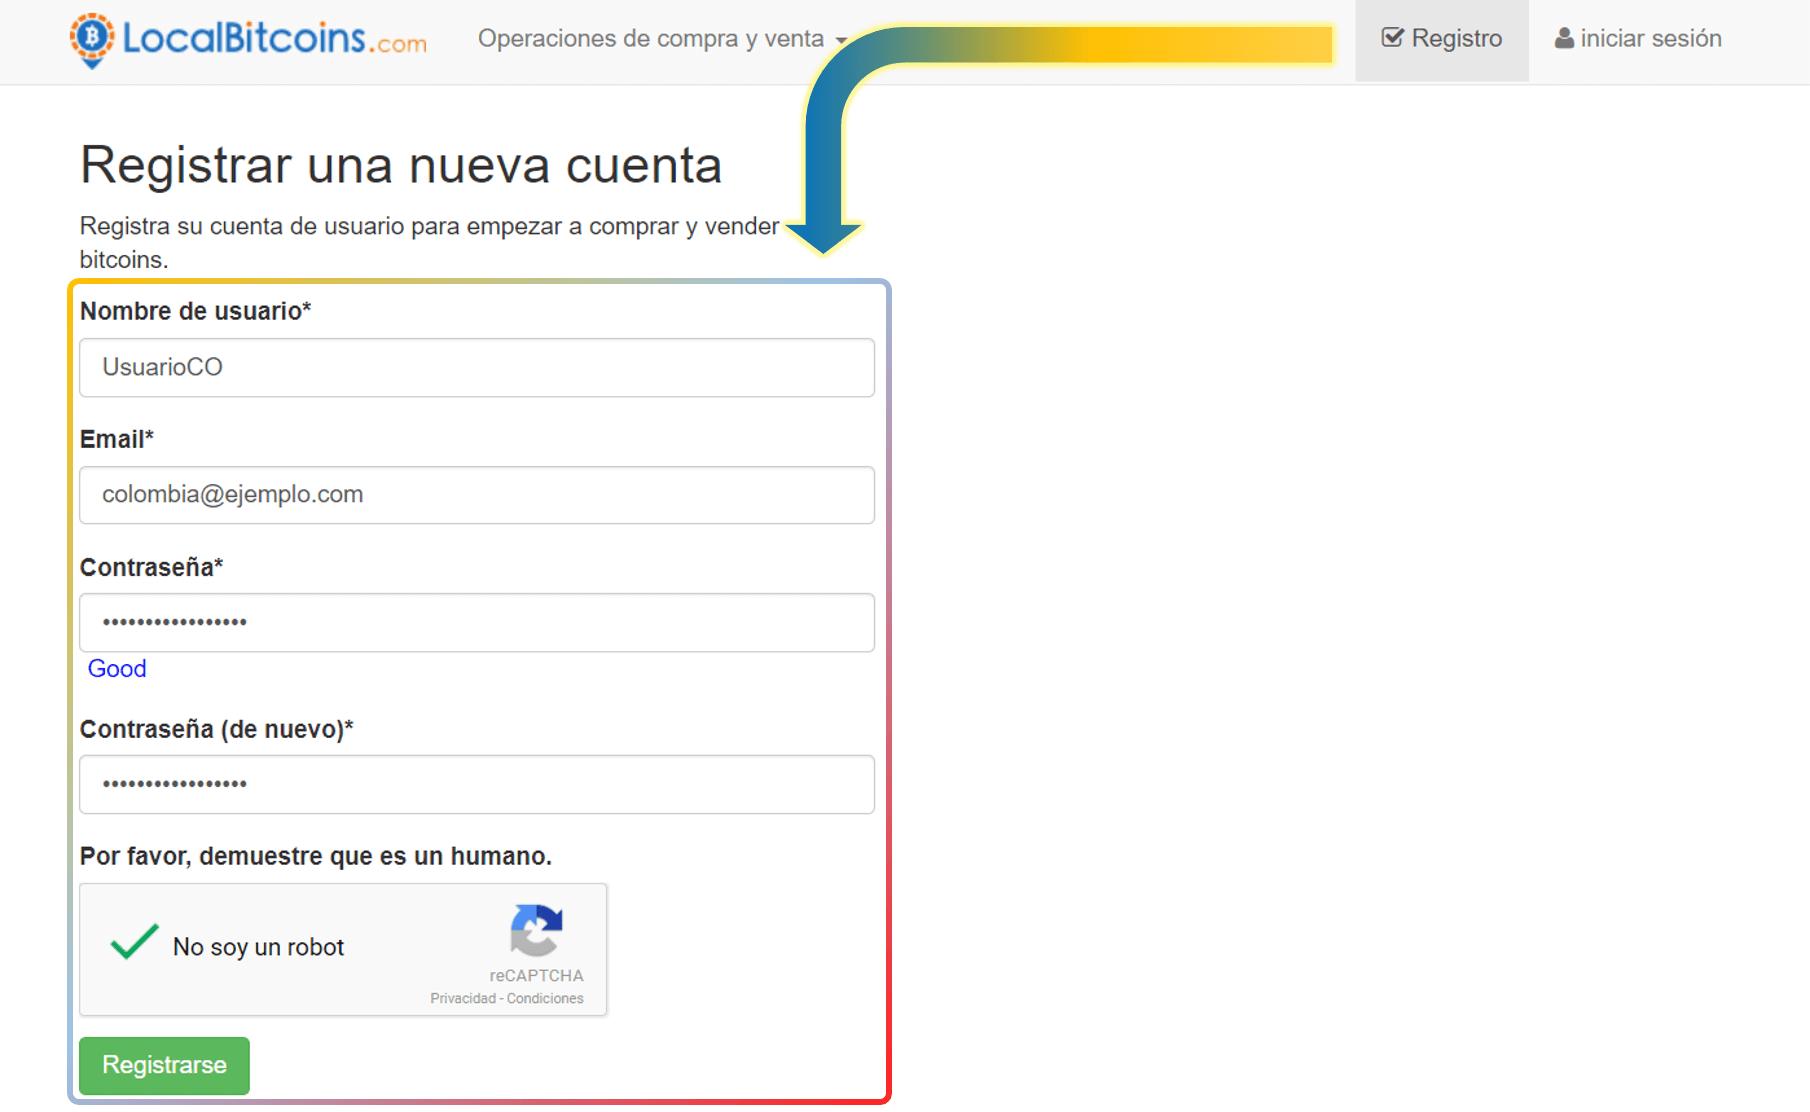 Crear cuenta LocalBitcoins